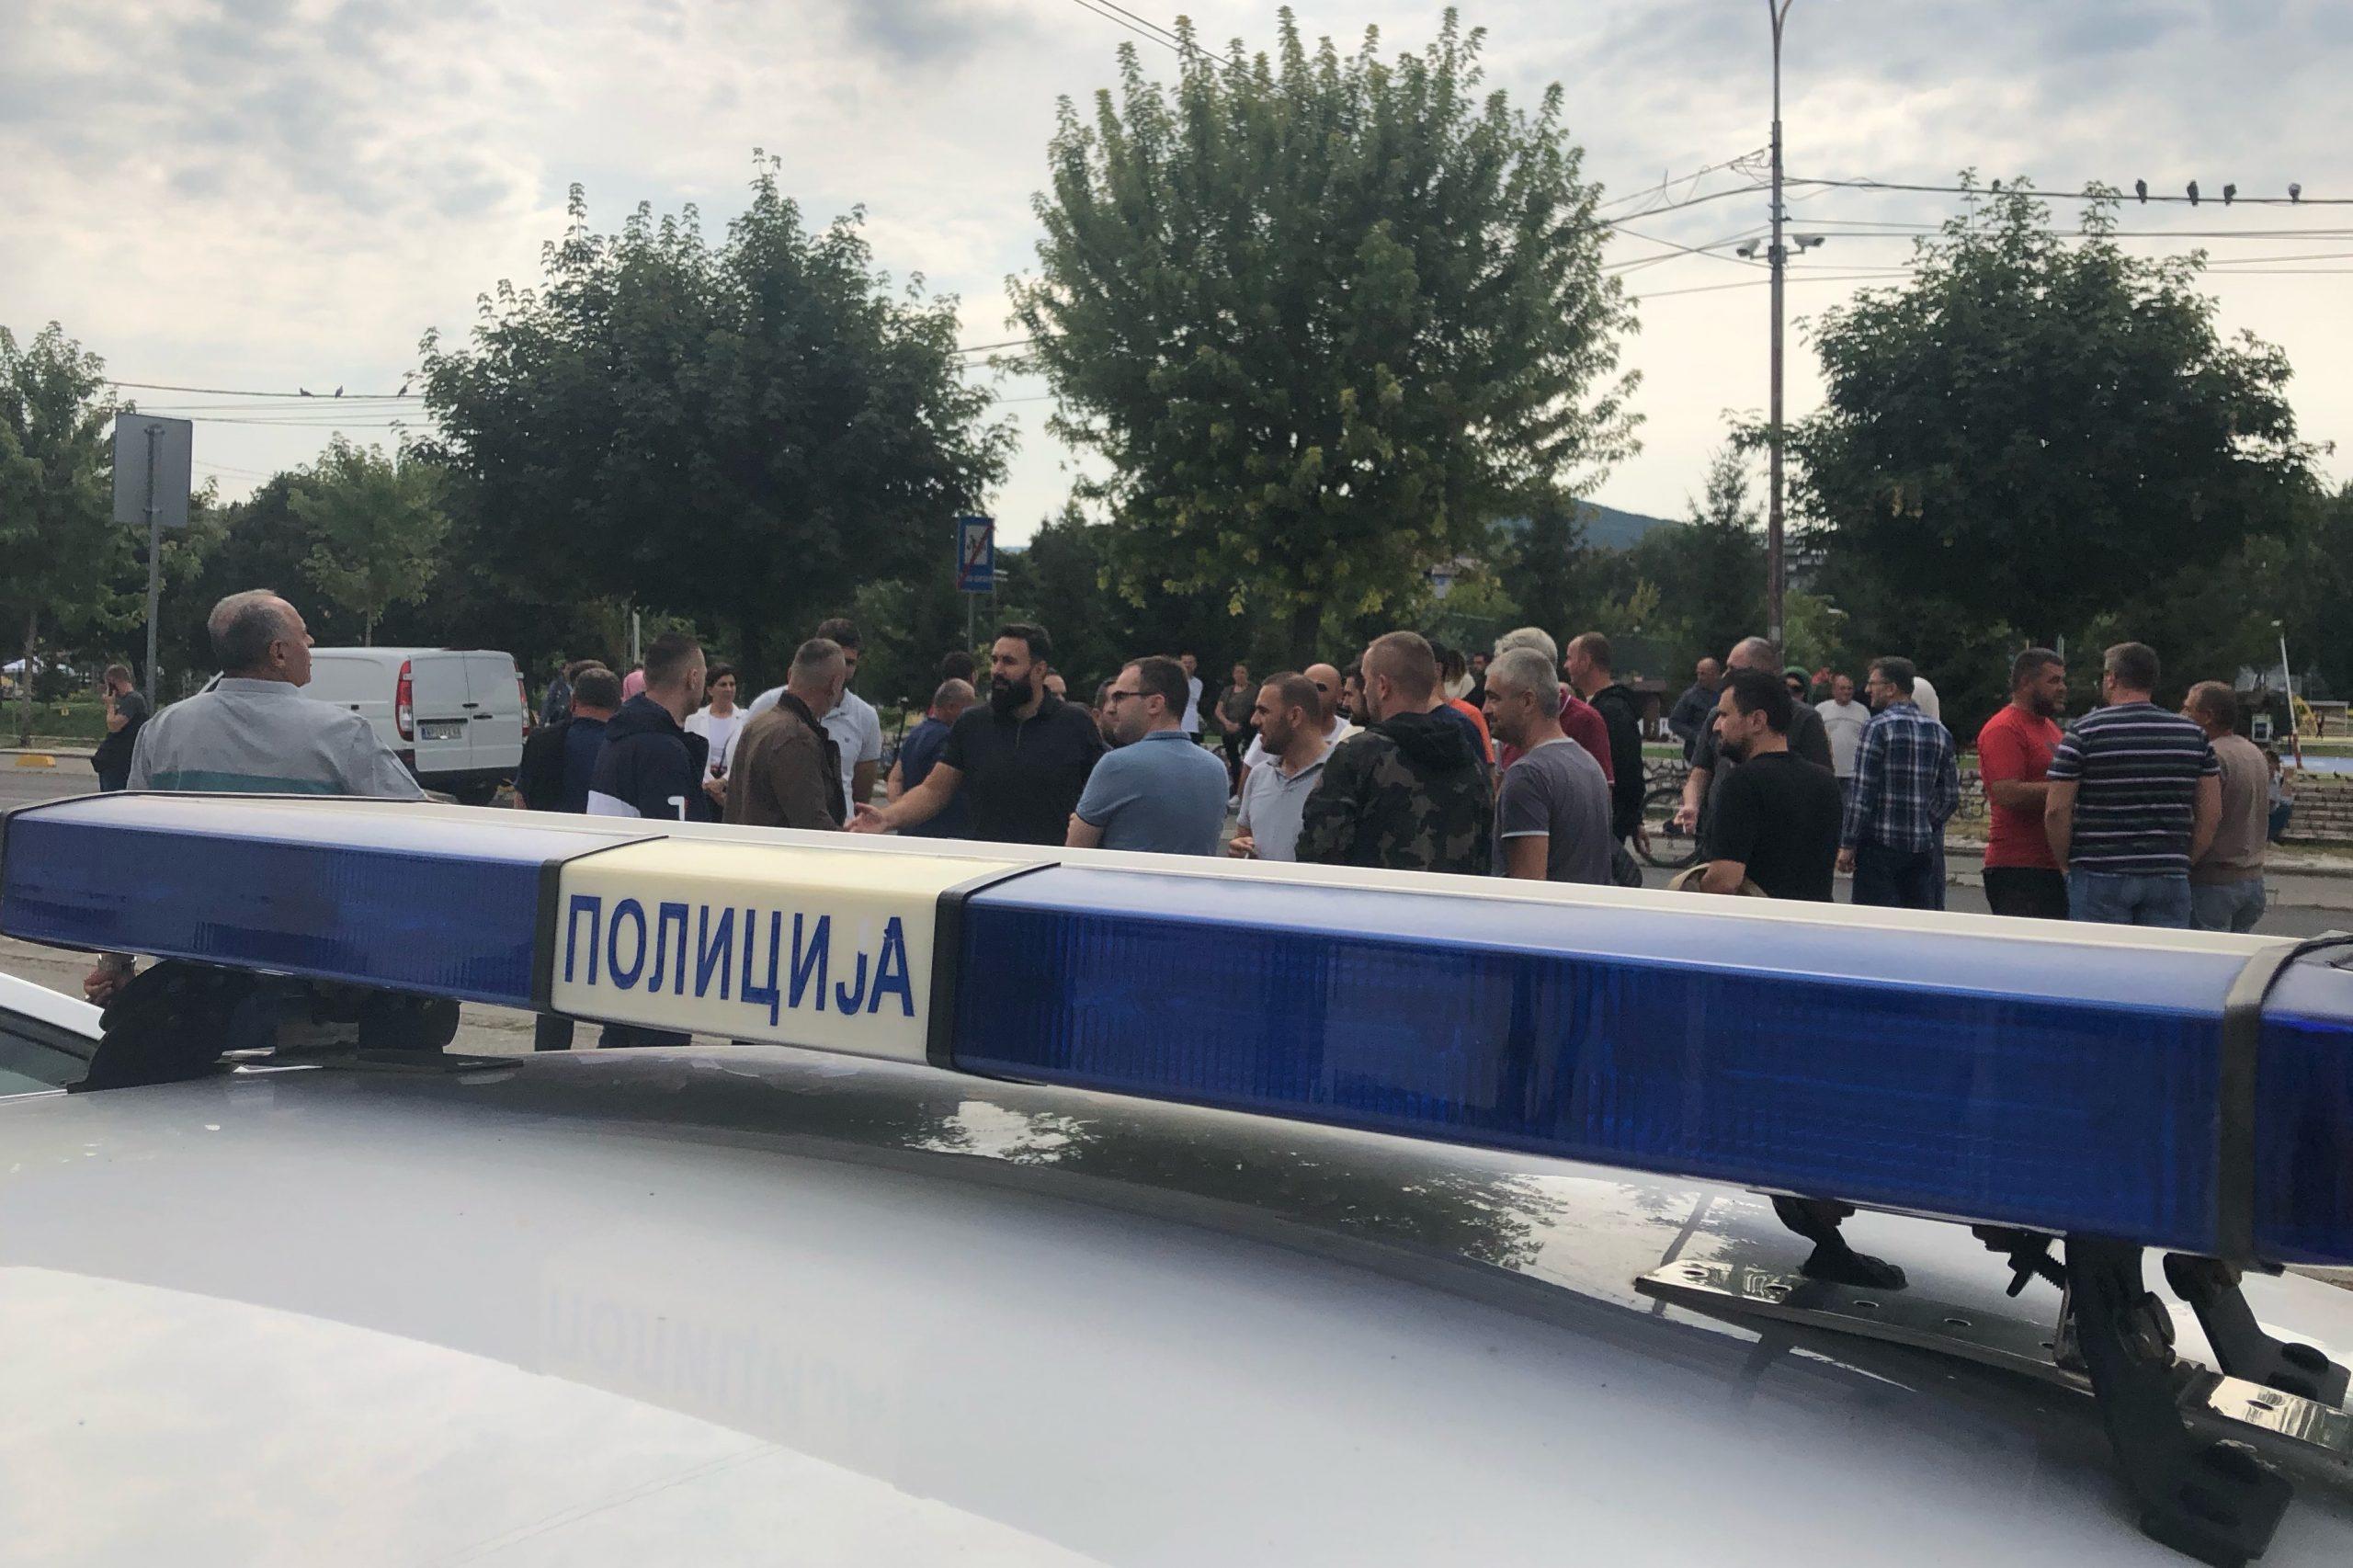 Protest ispred zgrade policijske uprave u Novom Pazaru